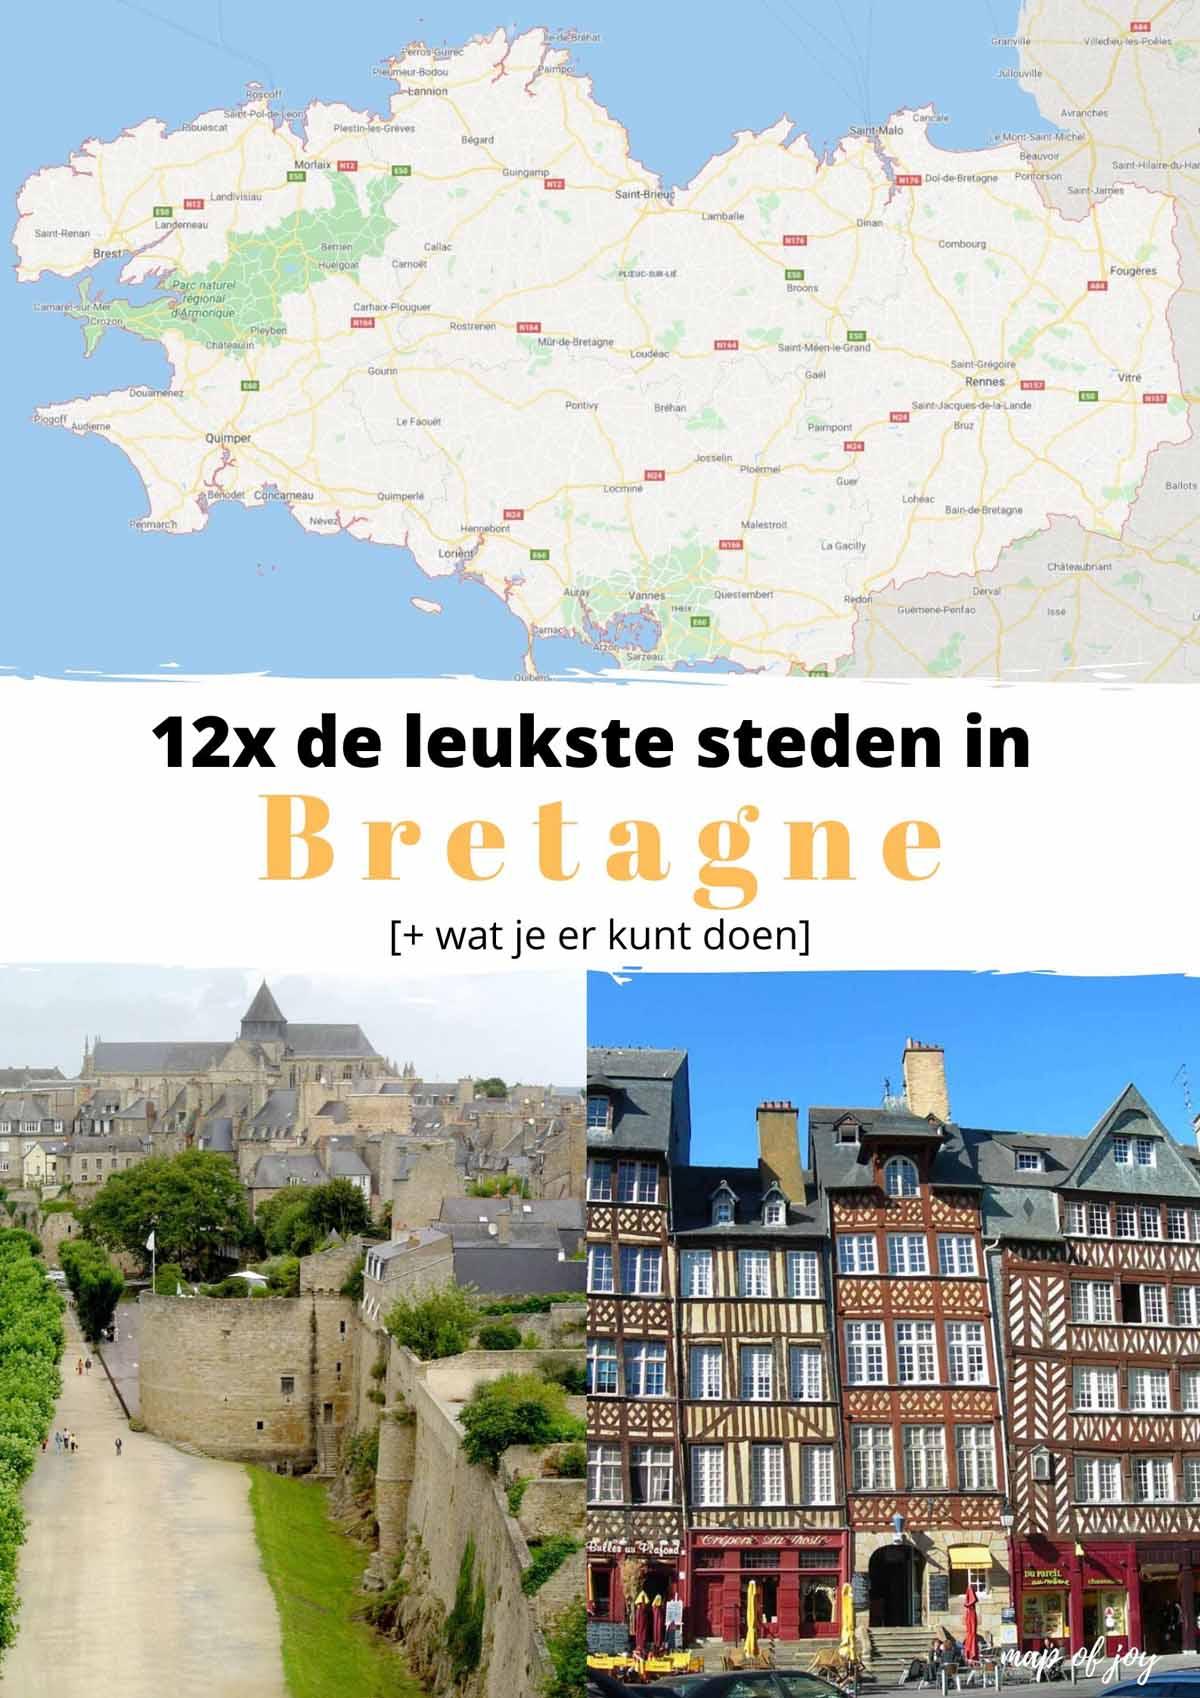 12x de leukste steden in Bretagne [+ wat je er kunt doen] - Map of Joy